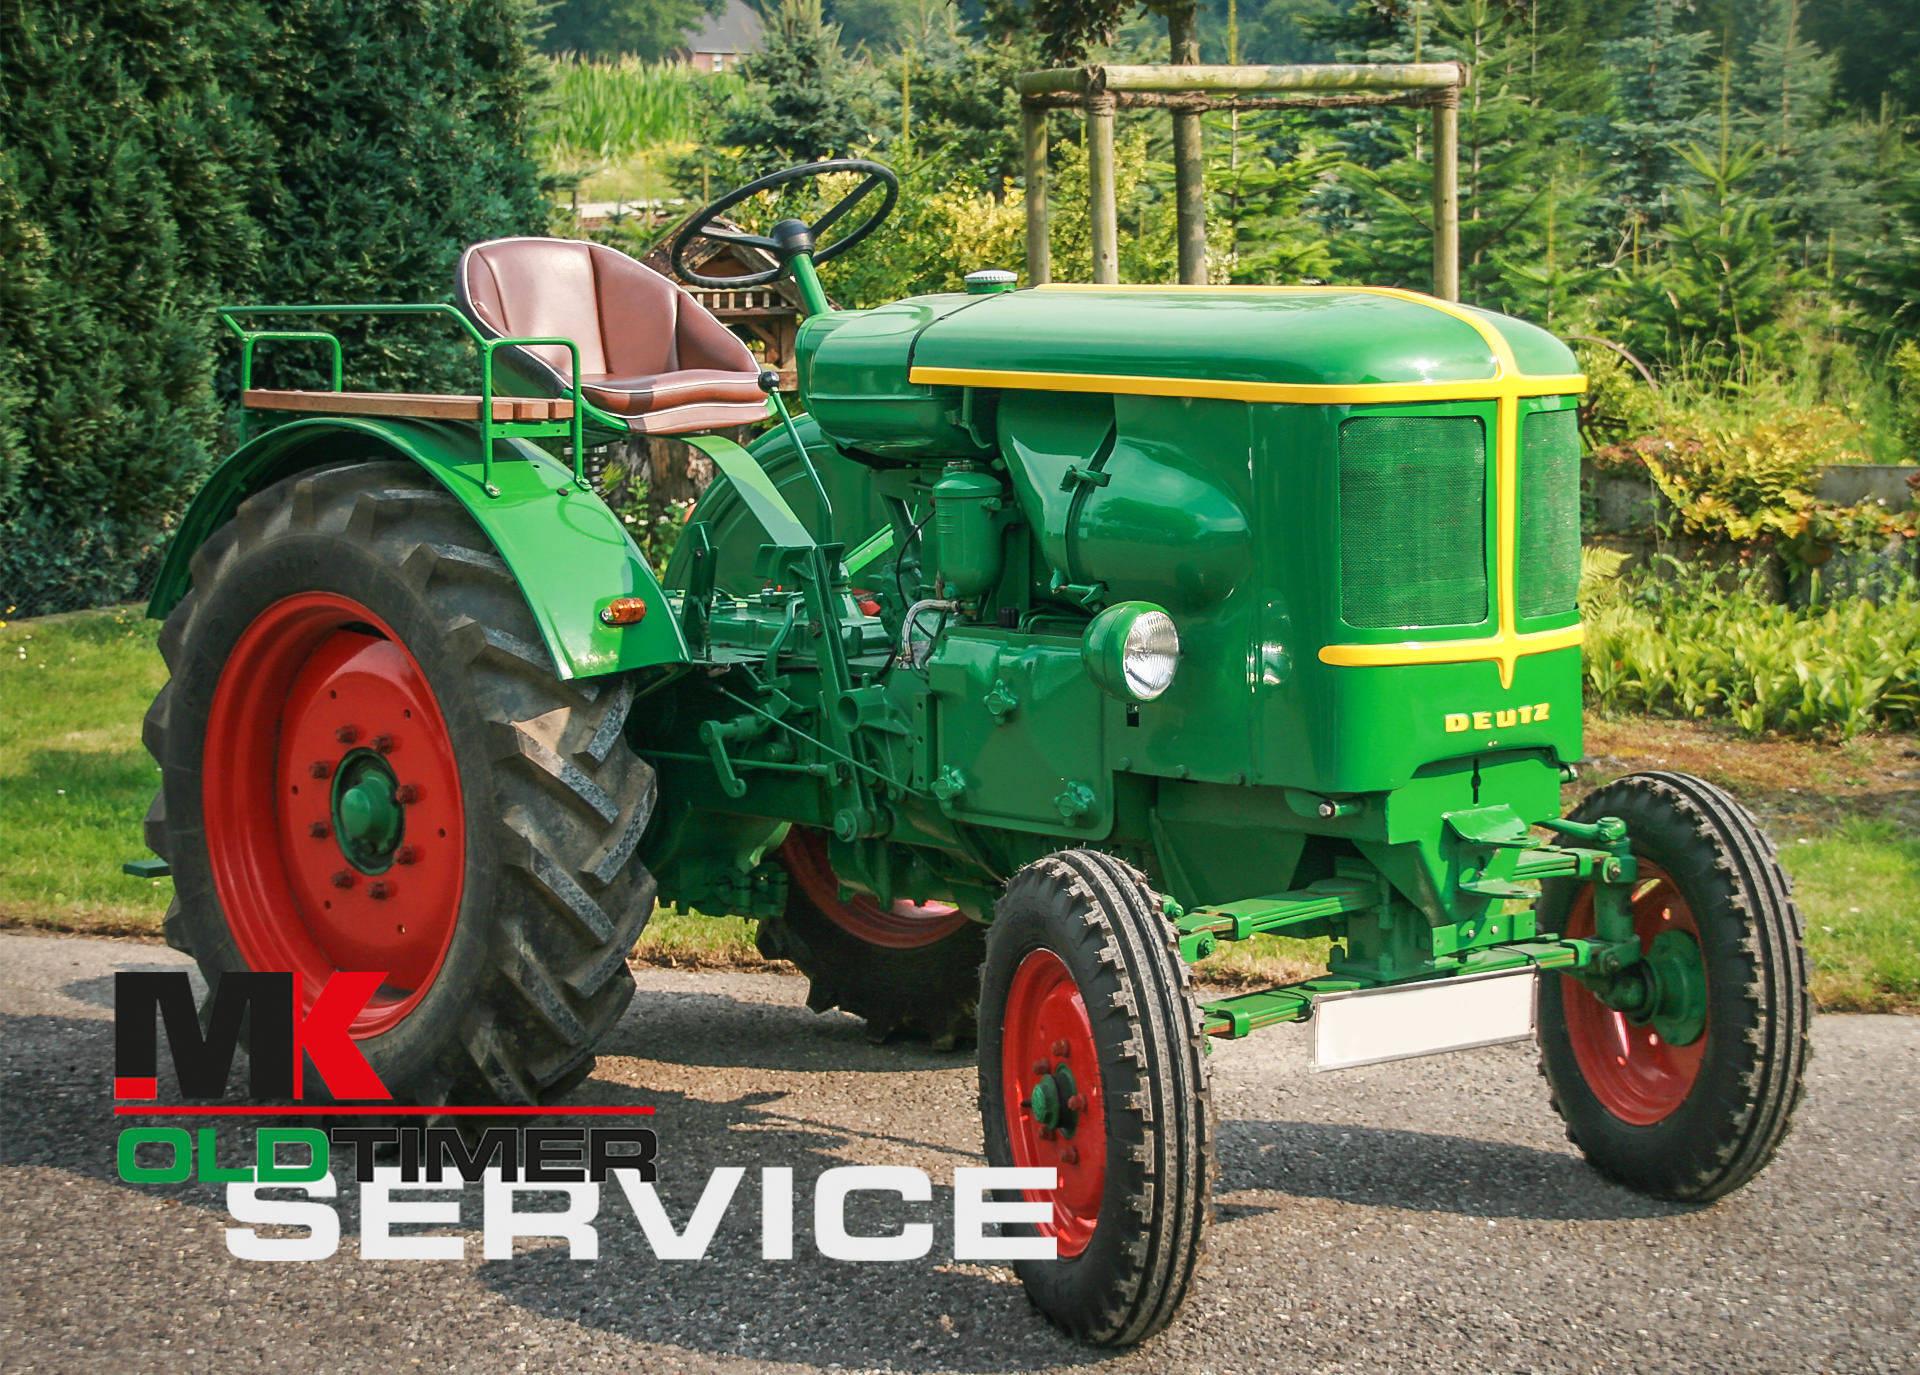 deutz traktor schlepper trecker oldtimer ersatzteile traktoren gebrauchtteile traktorteile. Black Bedroom Furniture Sets. Home Design Ideas